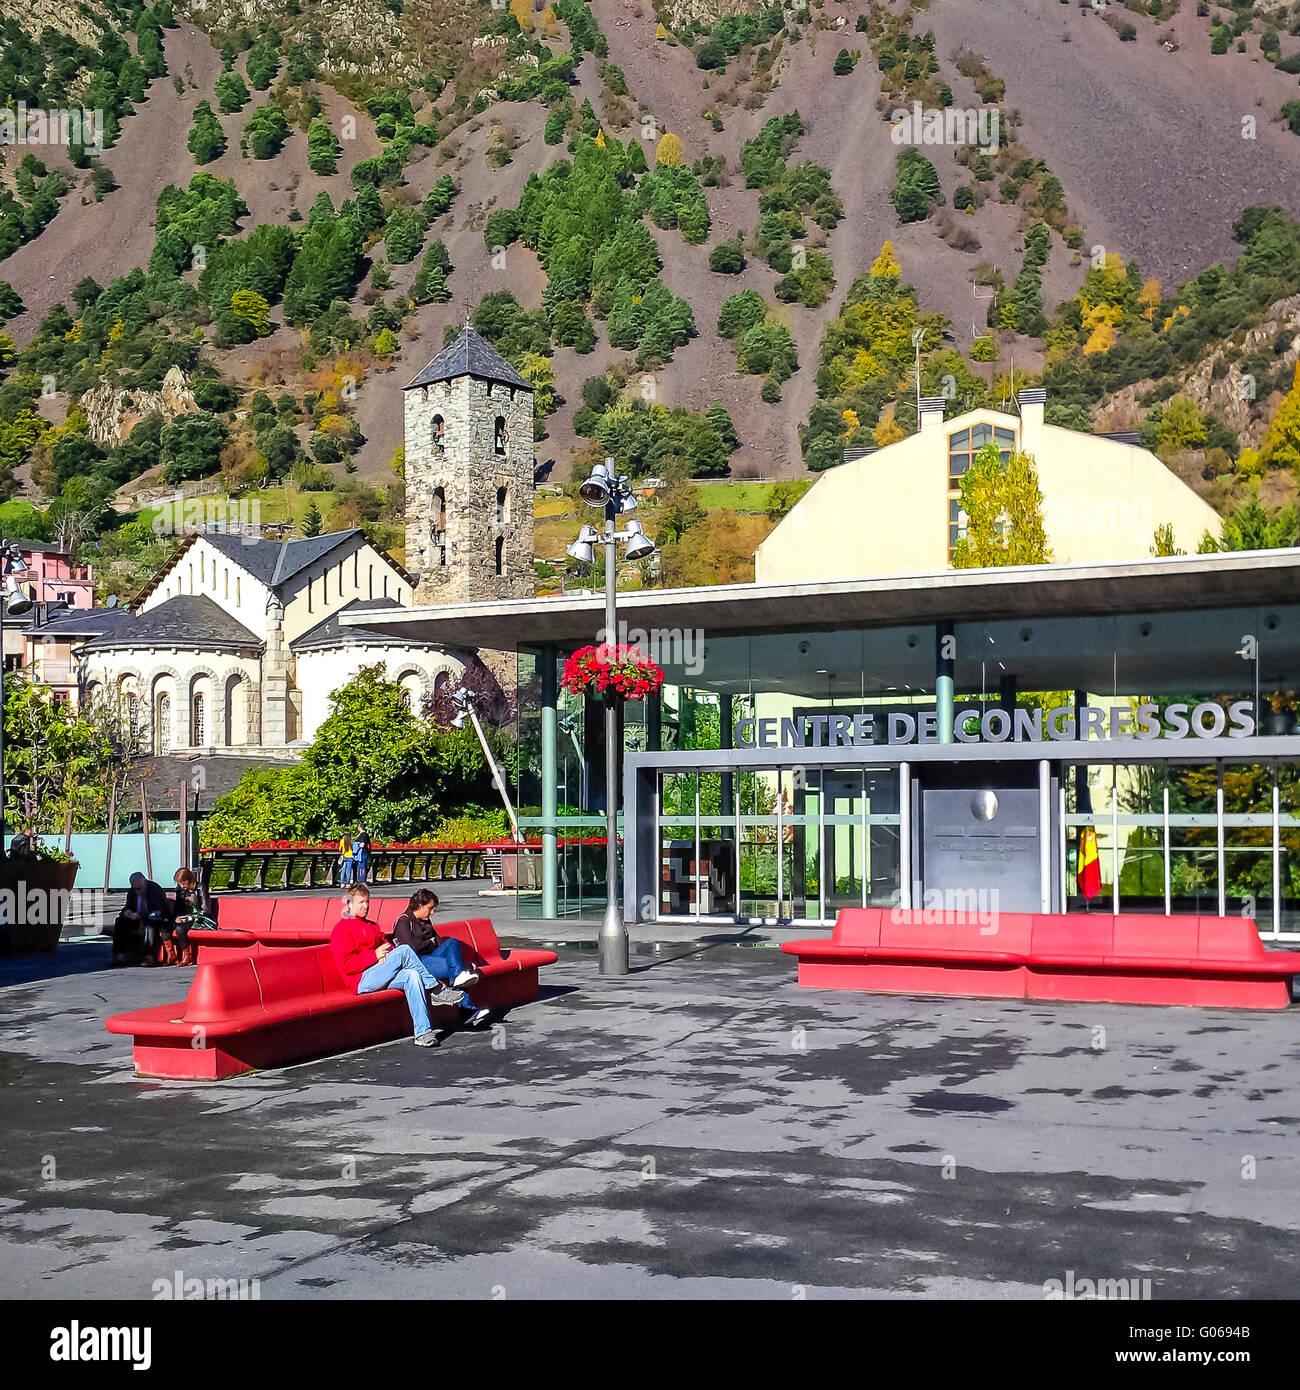 Centre de Congressos. Andorra la Vella. Andorra - Stock Image